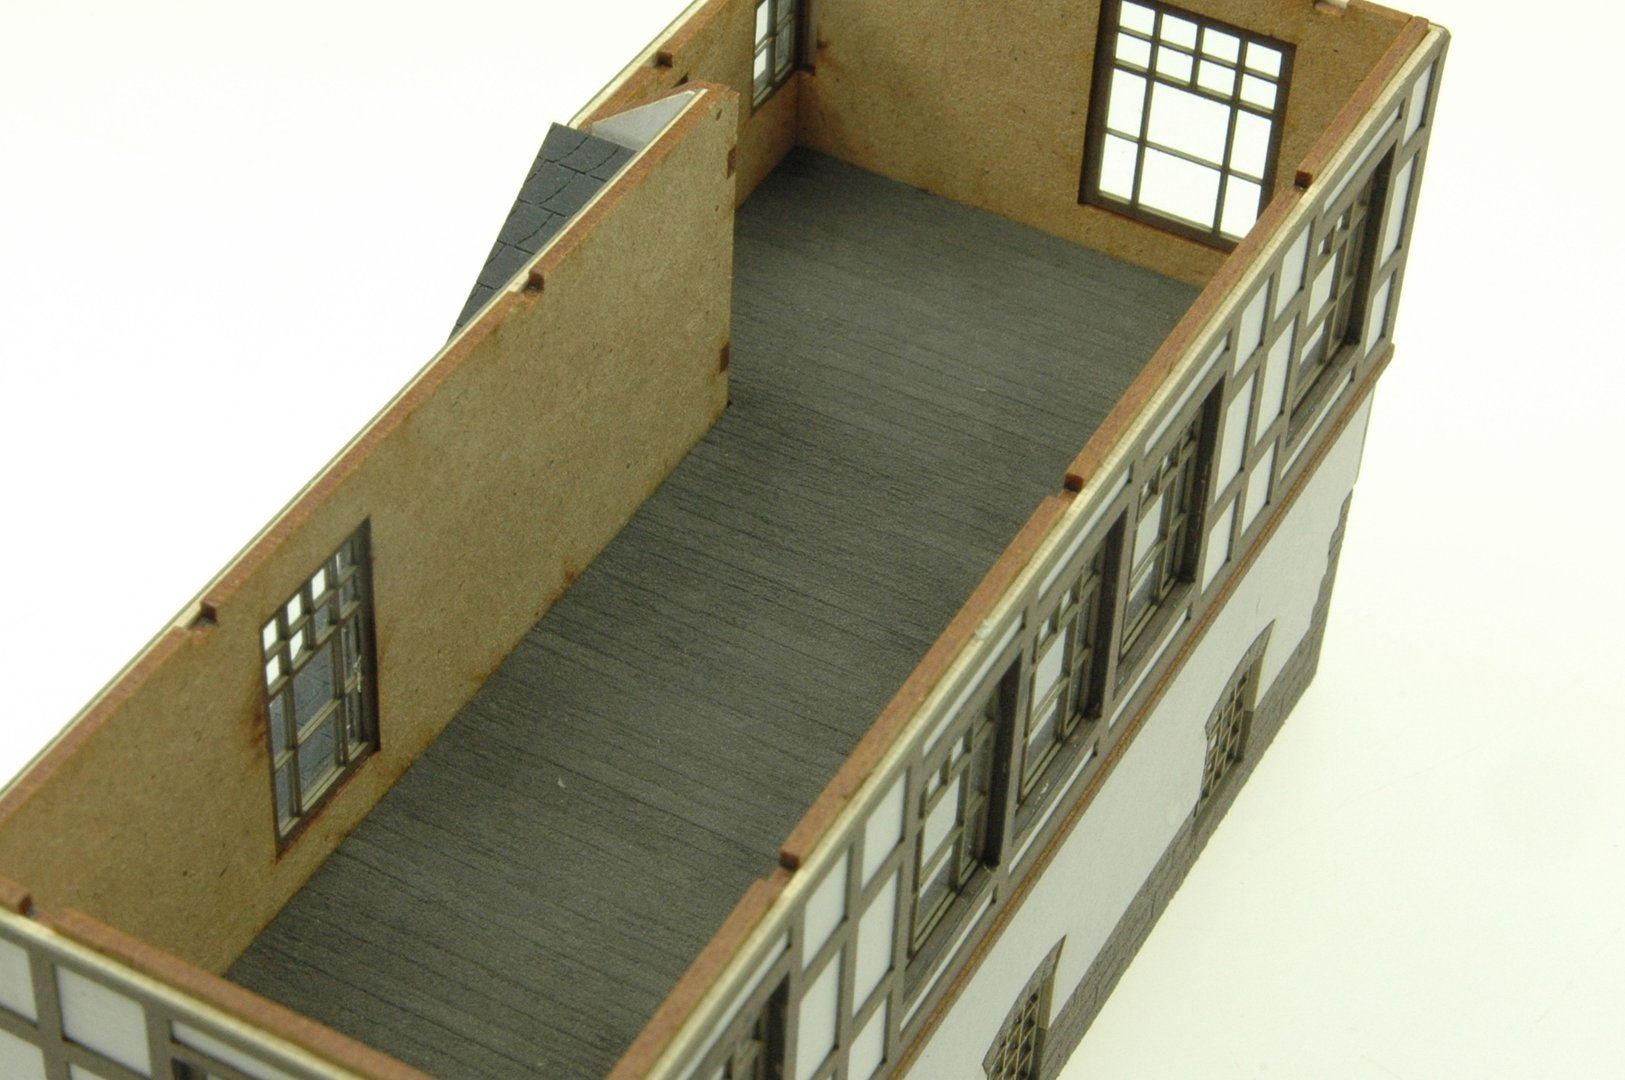 holzdielenboden f r stellwerk spur h0. Black Bedroom Furniture Sets. Home Design Ideas